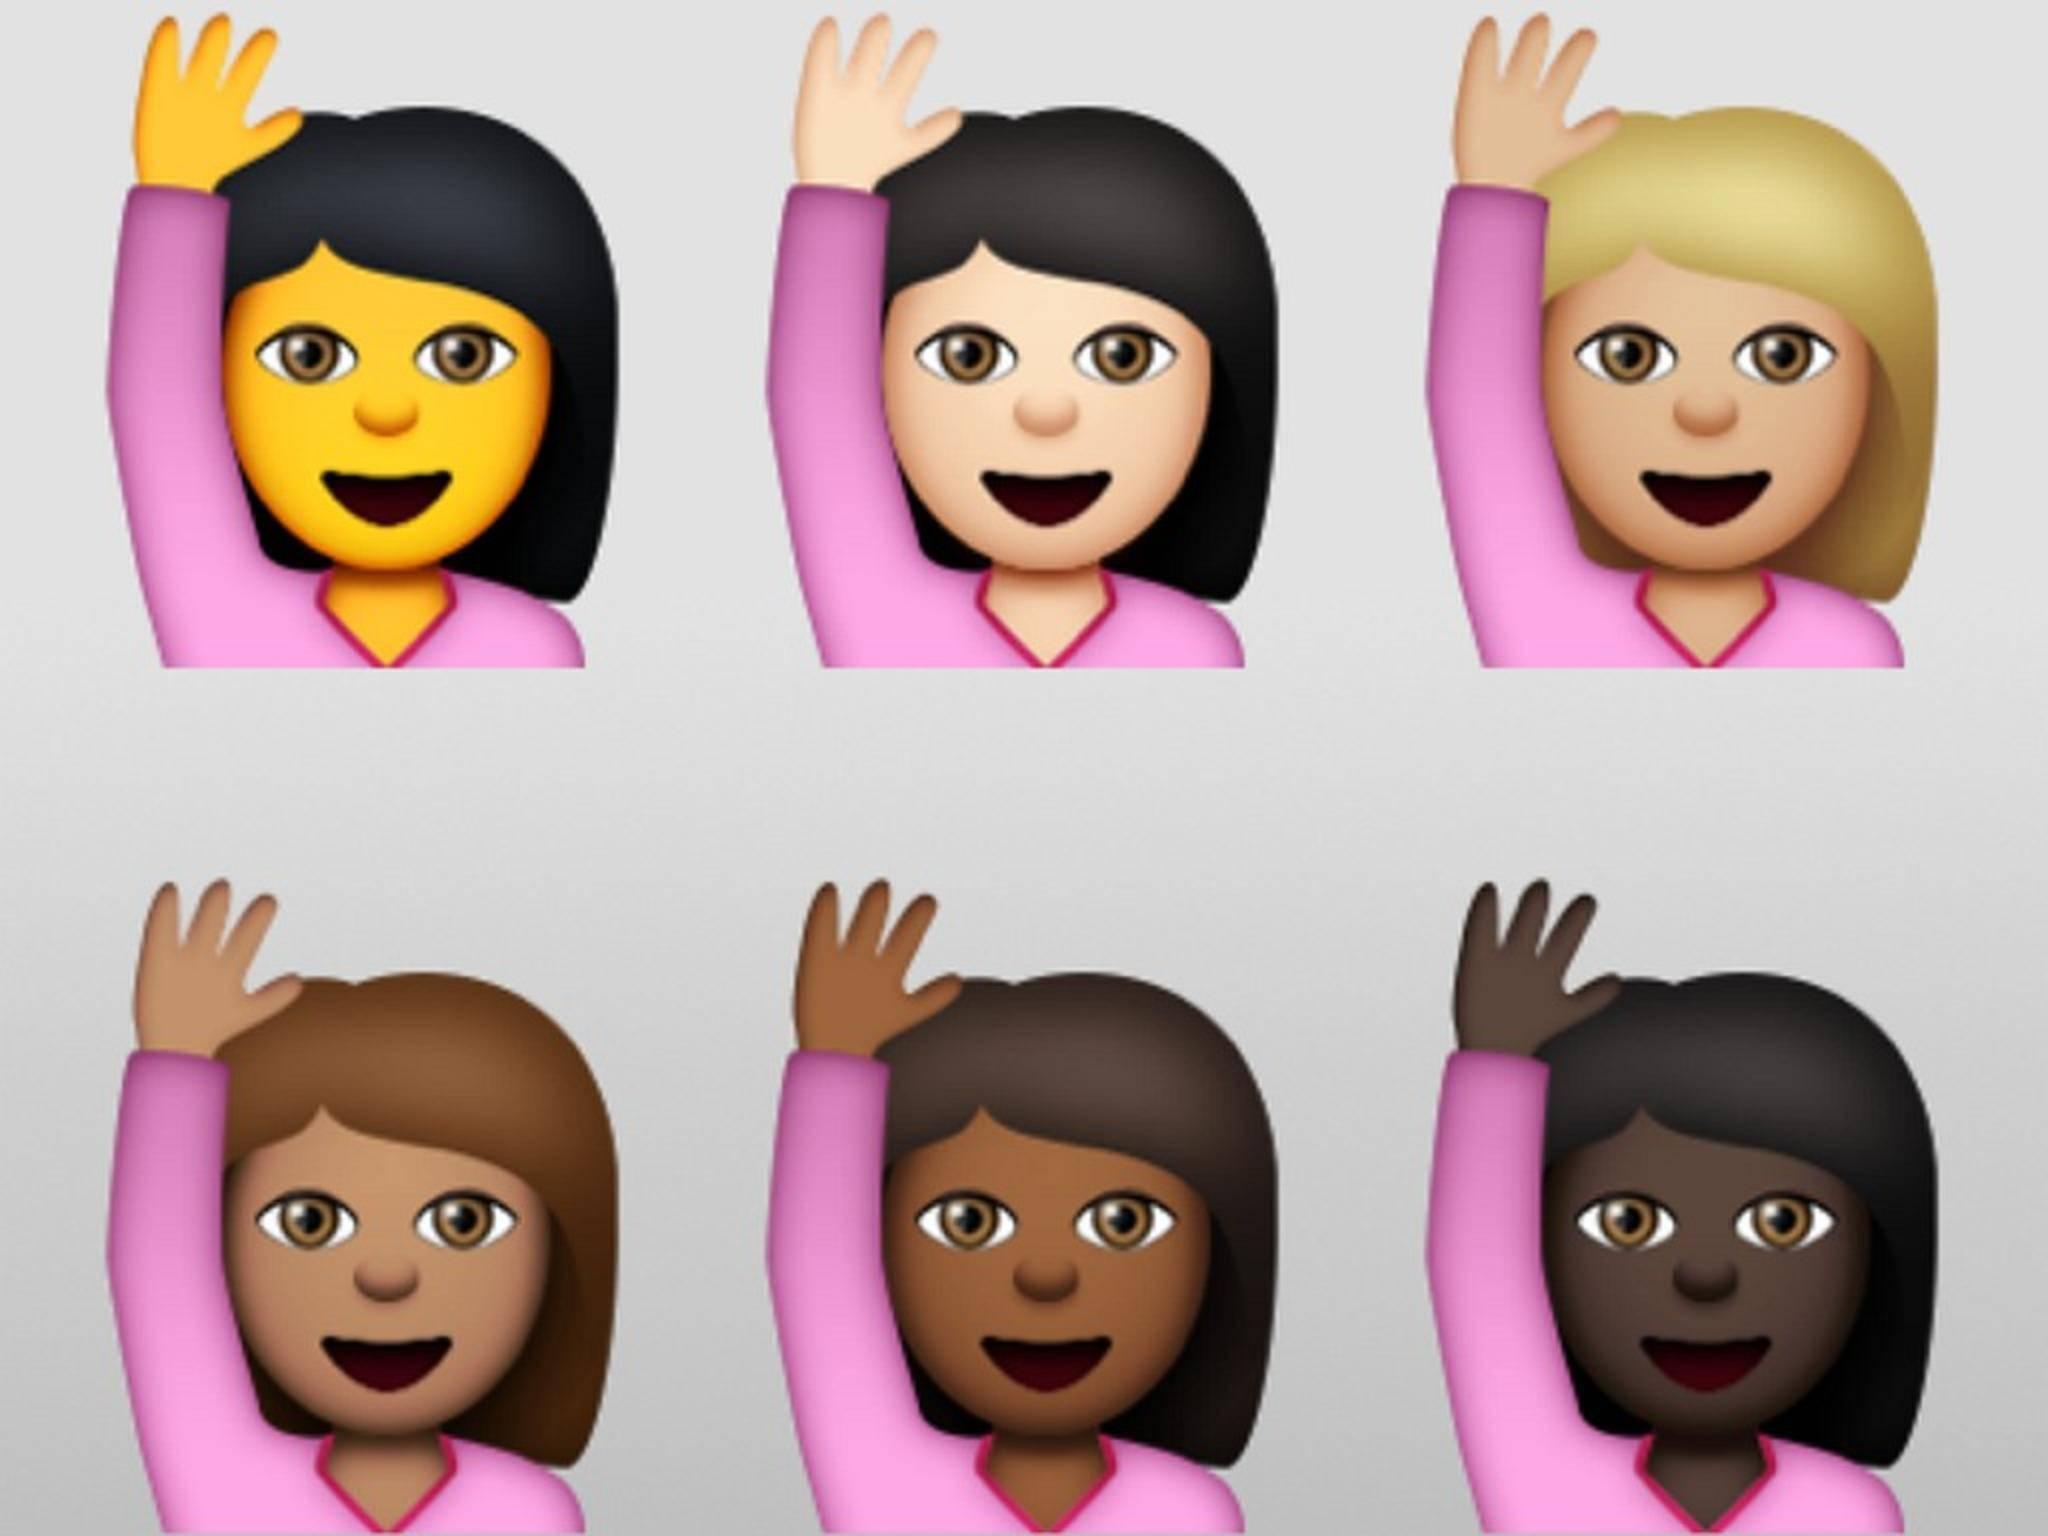 WhatsApp auf Android: Mit der neuen Version kommen verschiedenfarbige Emojis hinzu.